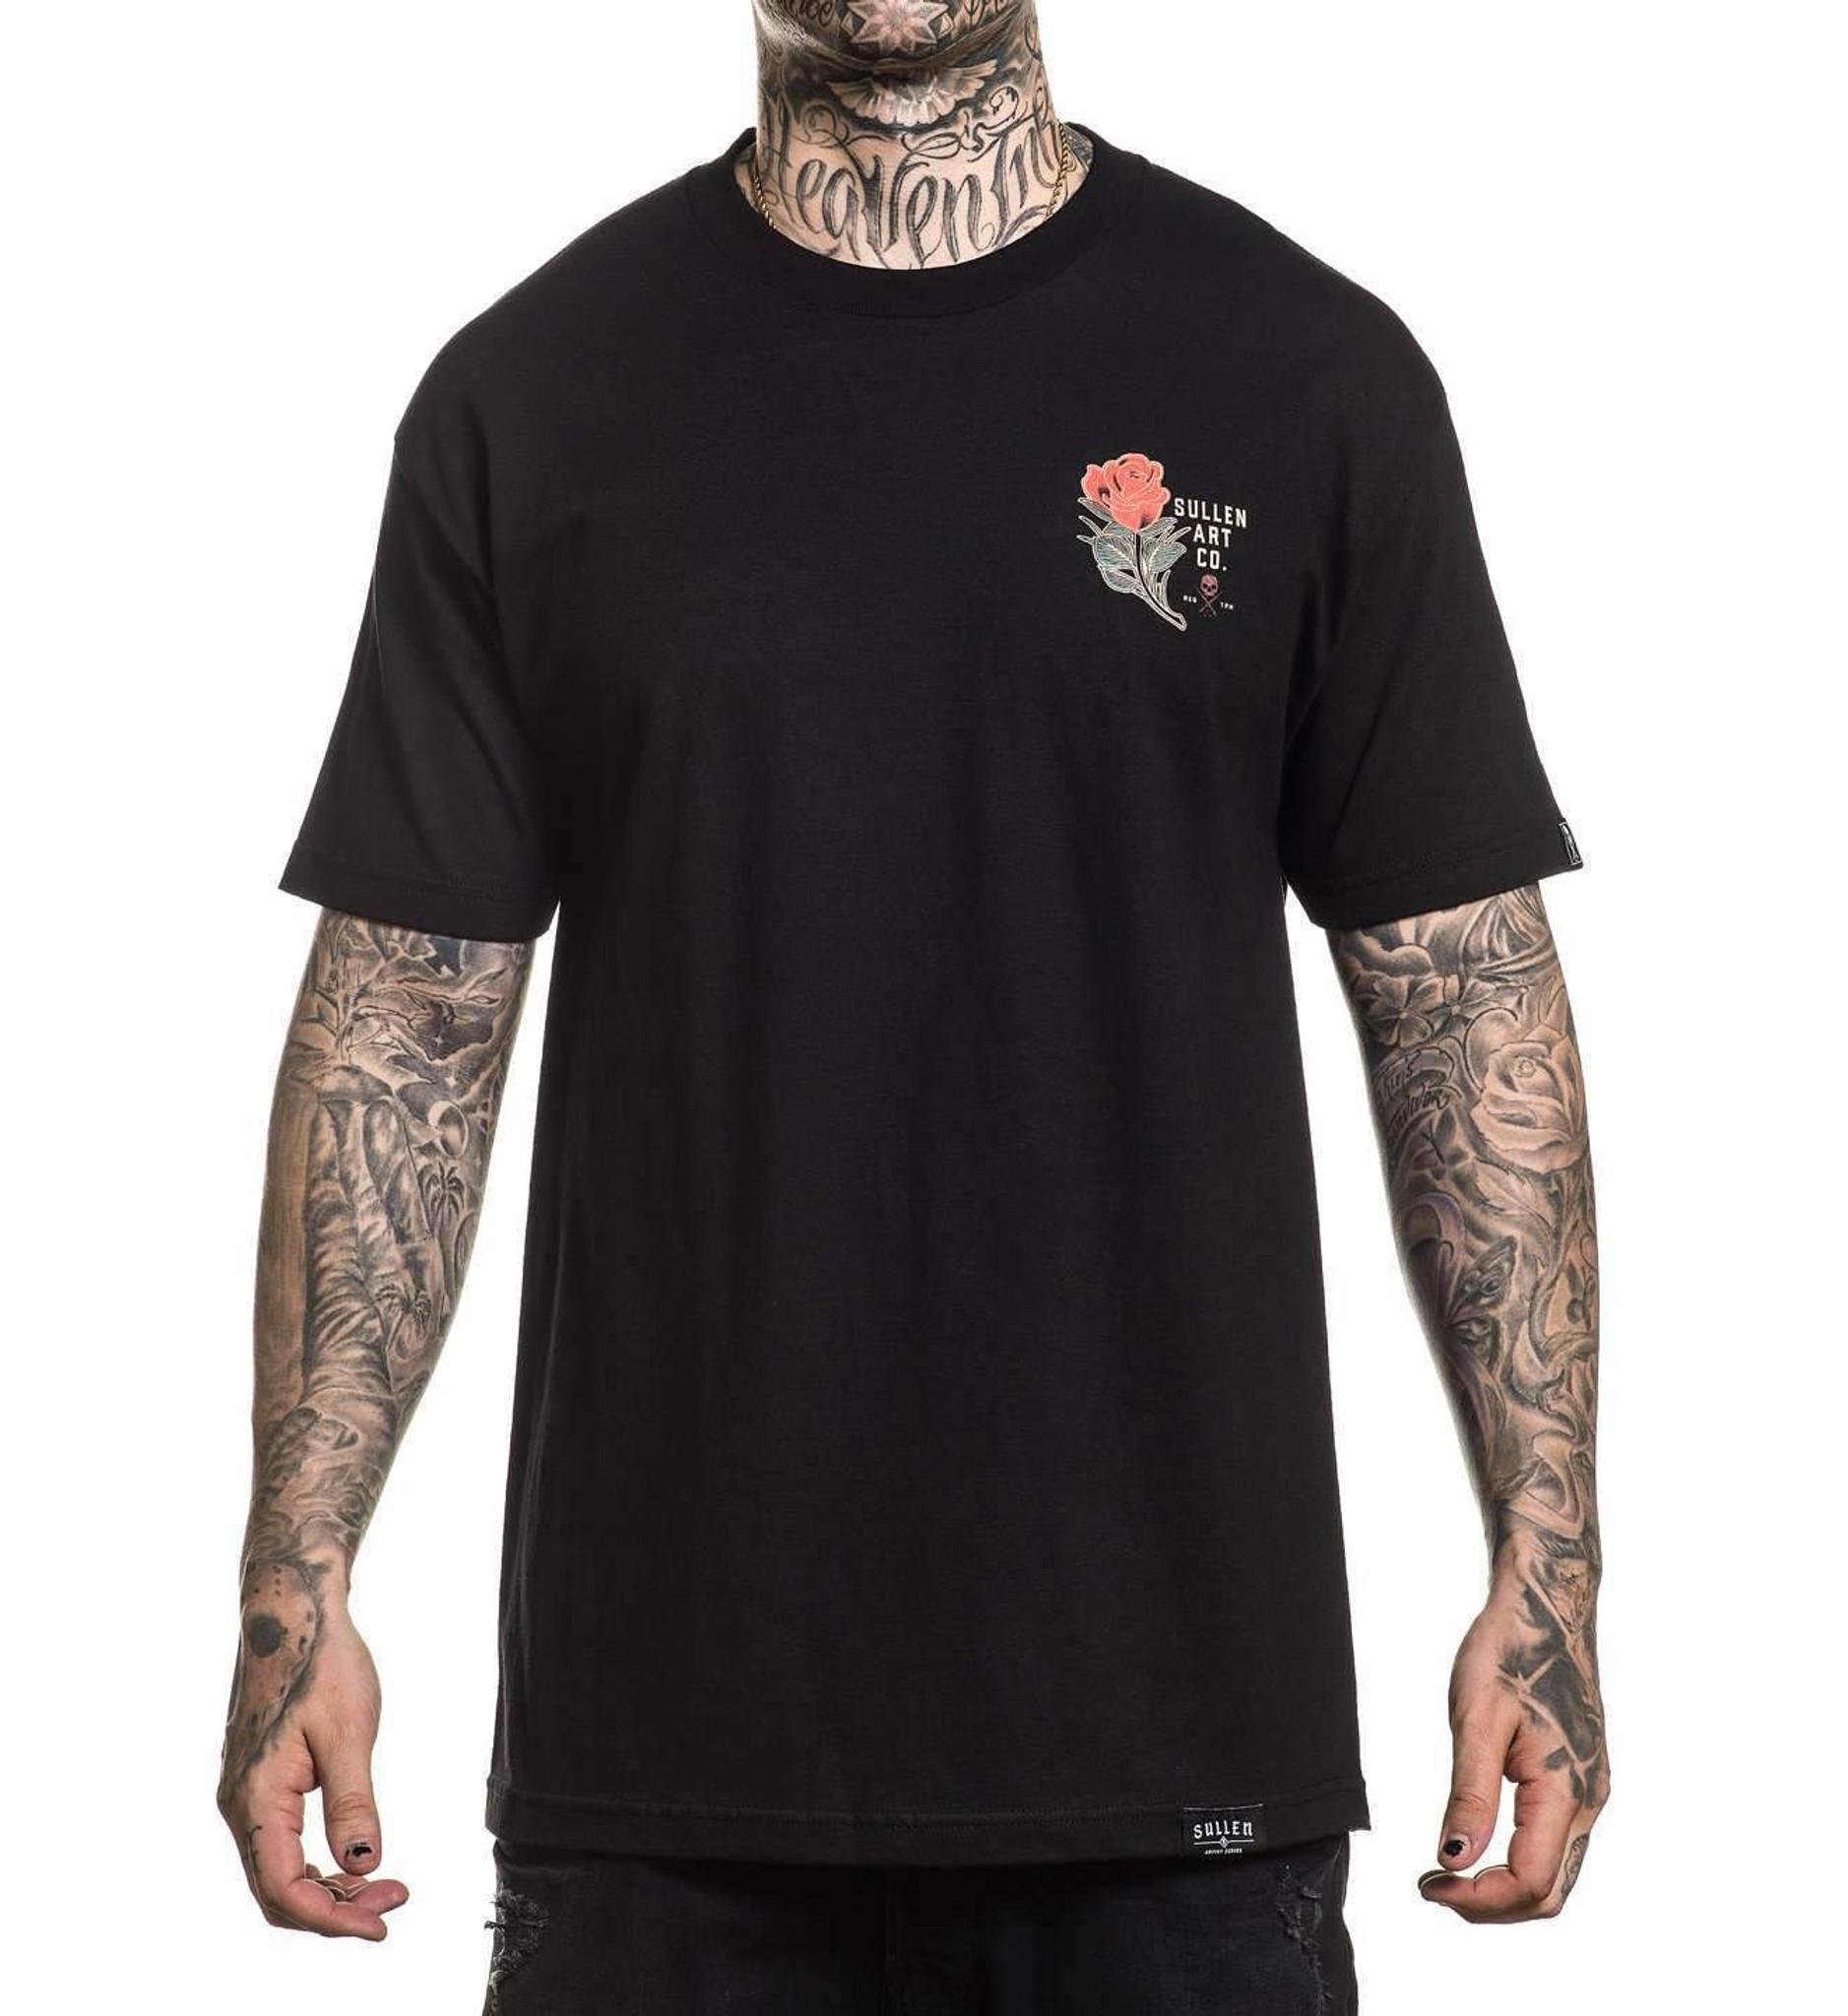 6b44d0dd Sullen Emerald Sky T-Shirt - West Coast Republic